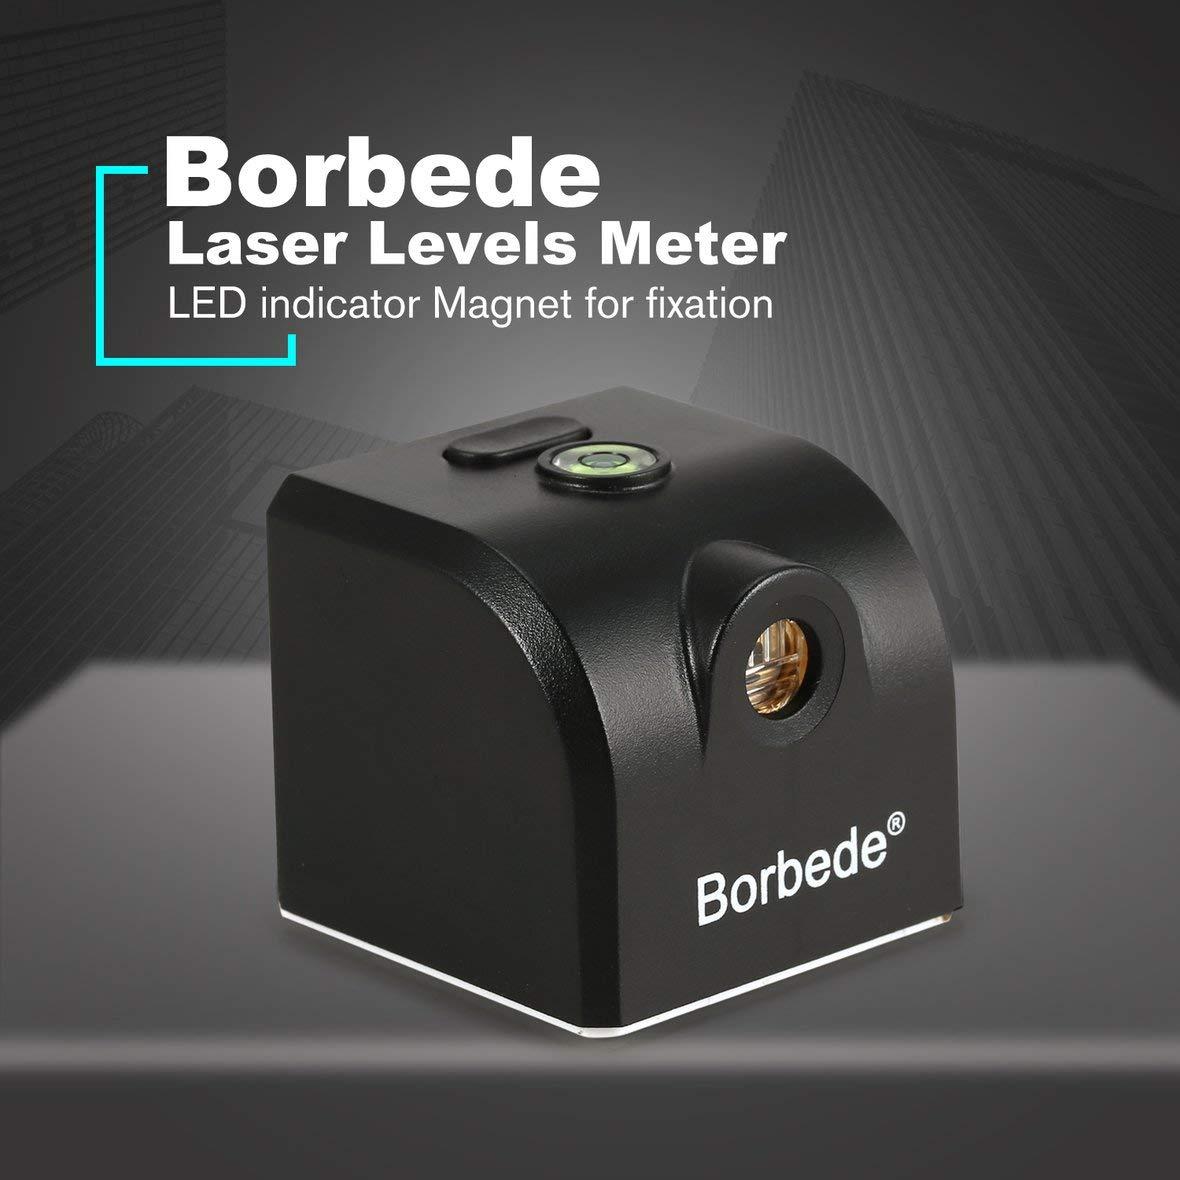 Noir Migvela Borbede Portable Mini Croix Laser Rouge Niveaux Compteur 2 ligne 1 point 650nm Instrument de nivellement avec indicateur LED Fixation magn/étique